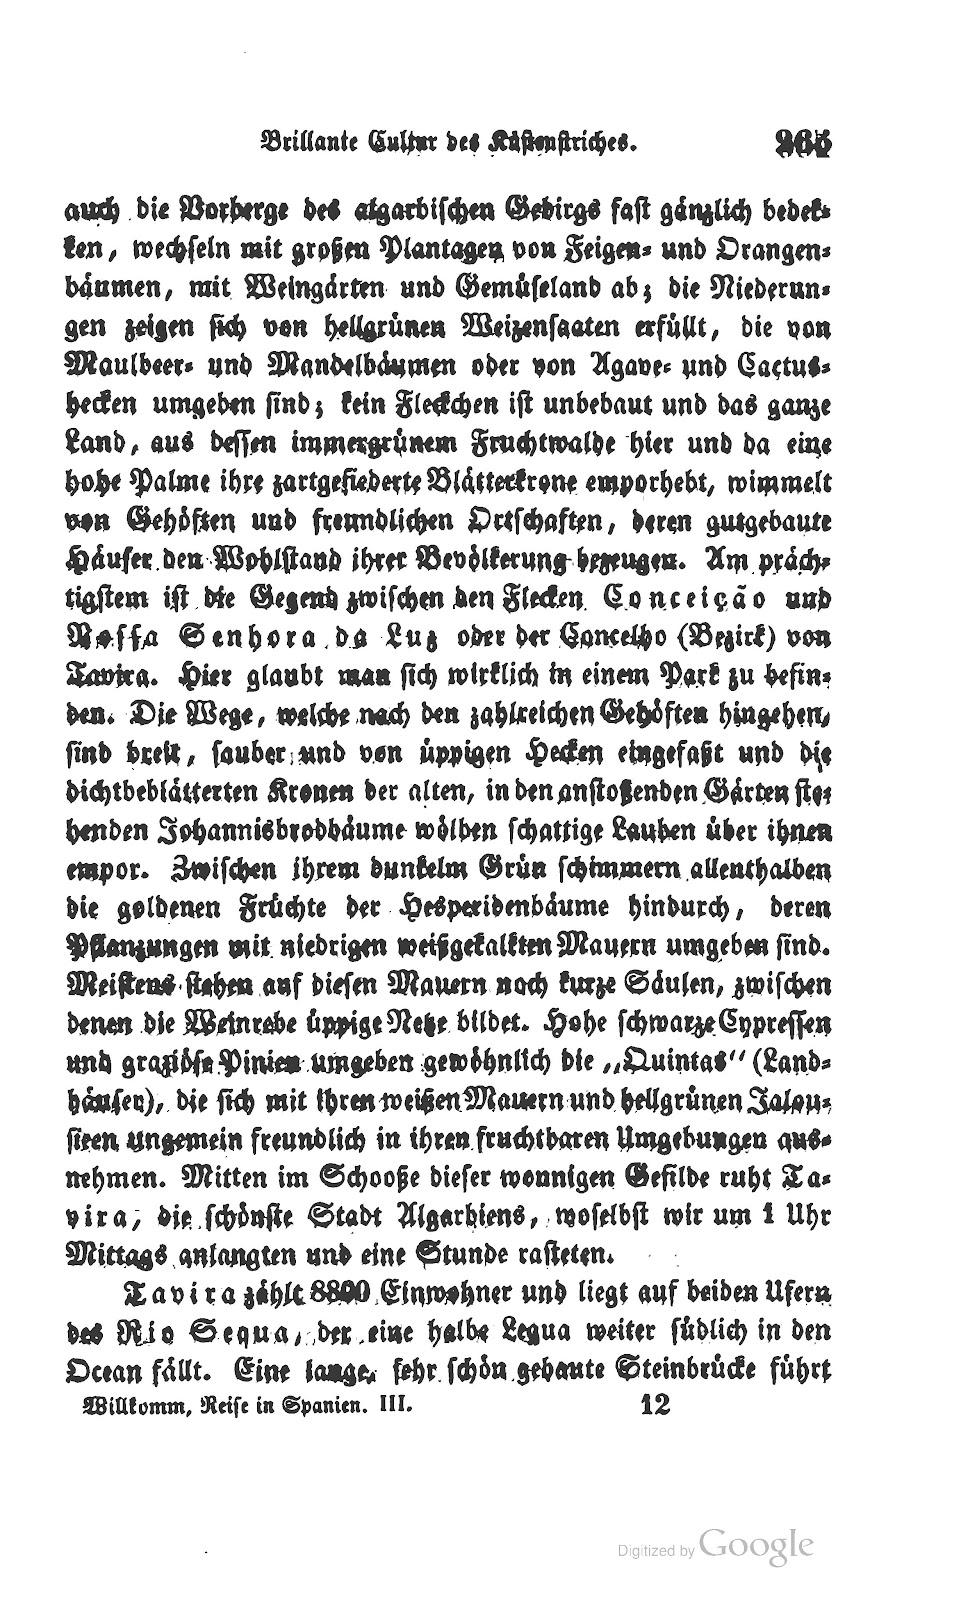 WIllkomm - 10. Kapitel Pages from Zwei_Jahre_in_Spanien_und_Portugal(3)_Page_07.jpg